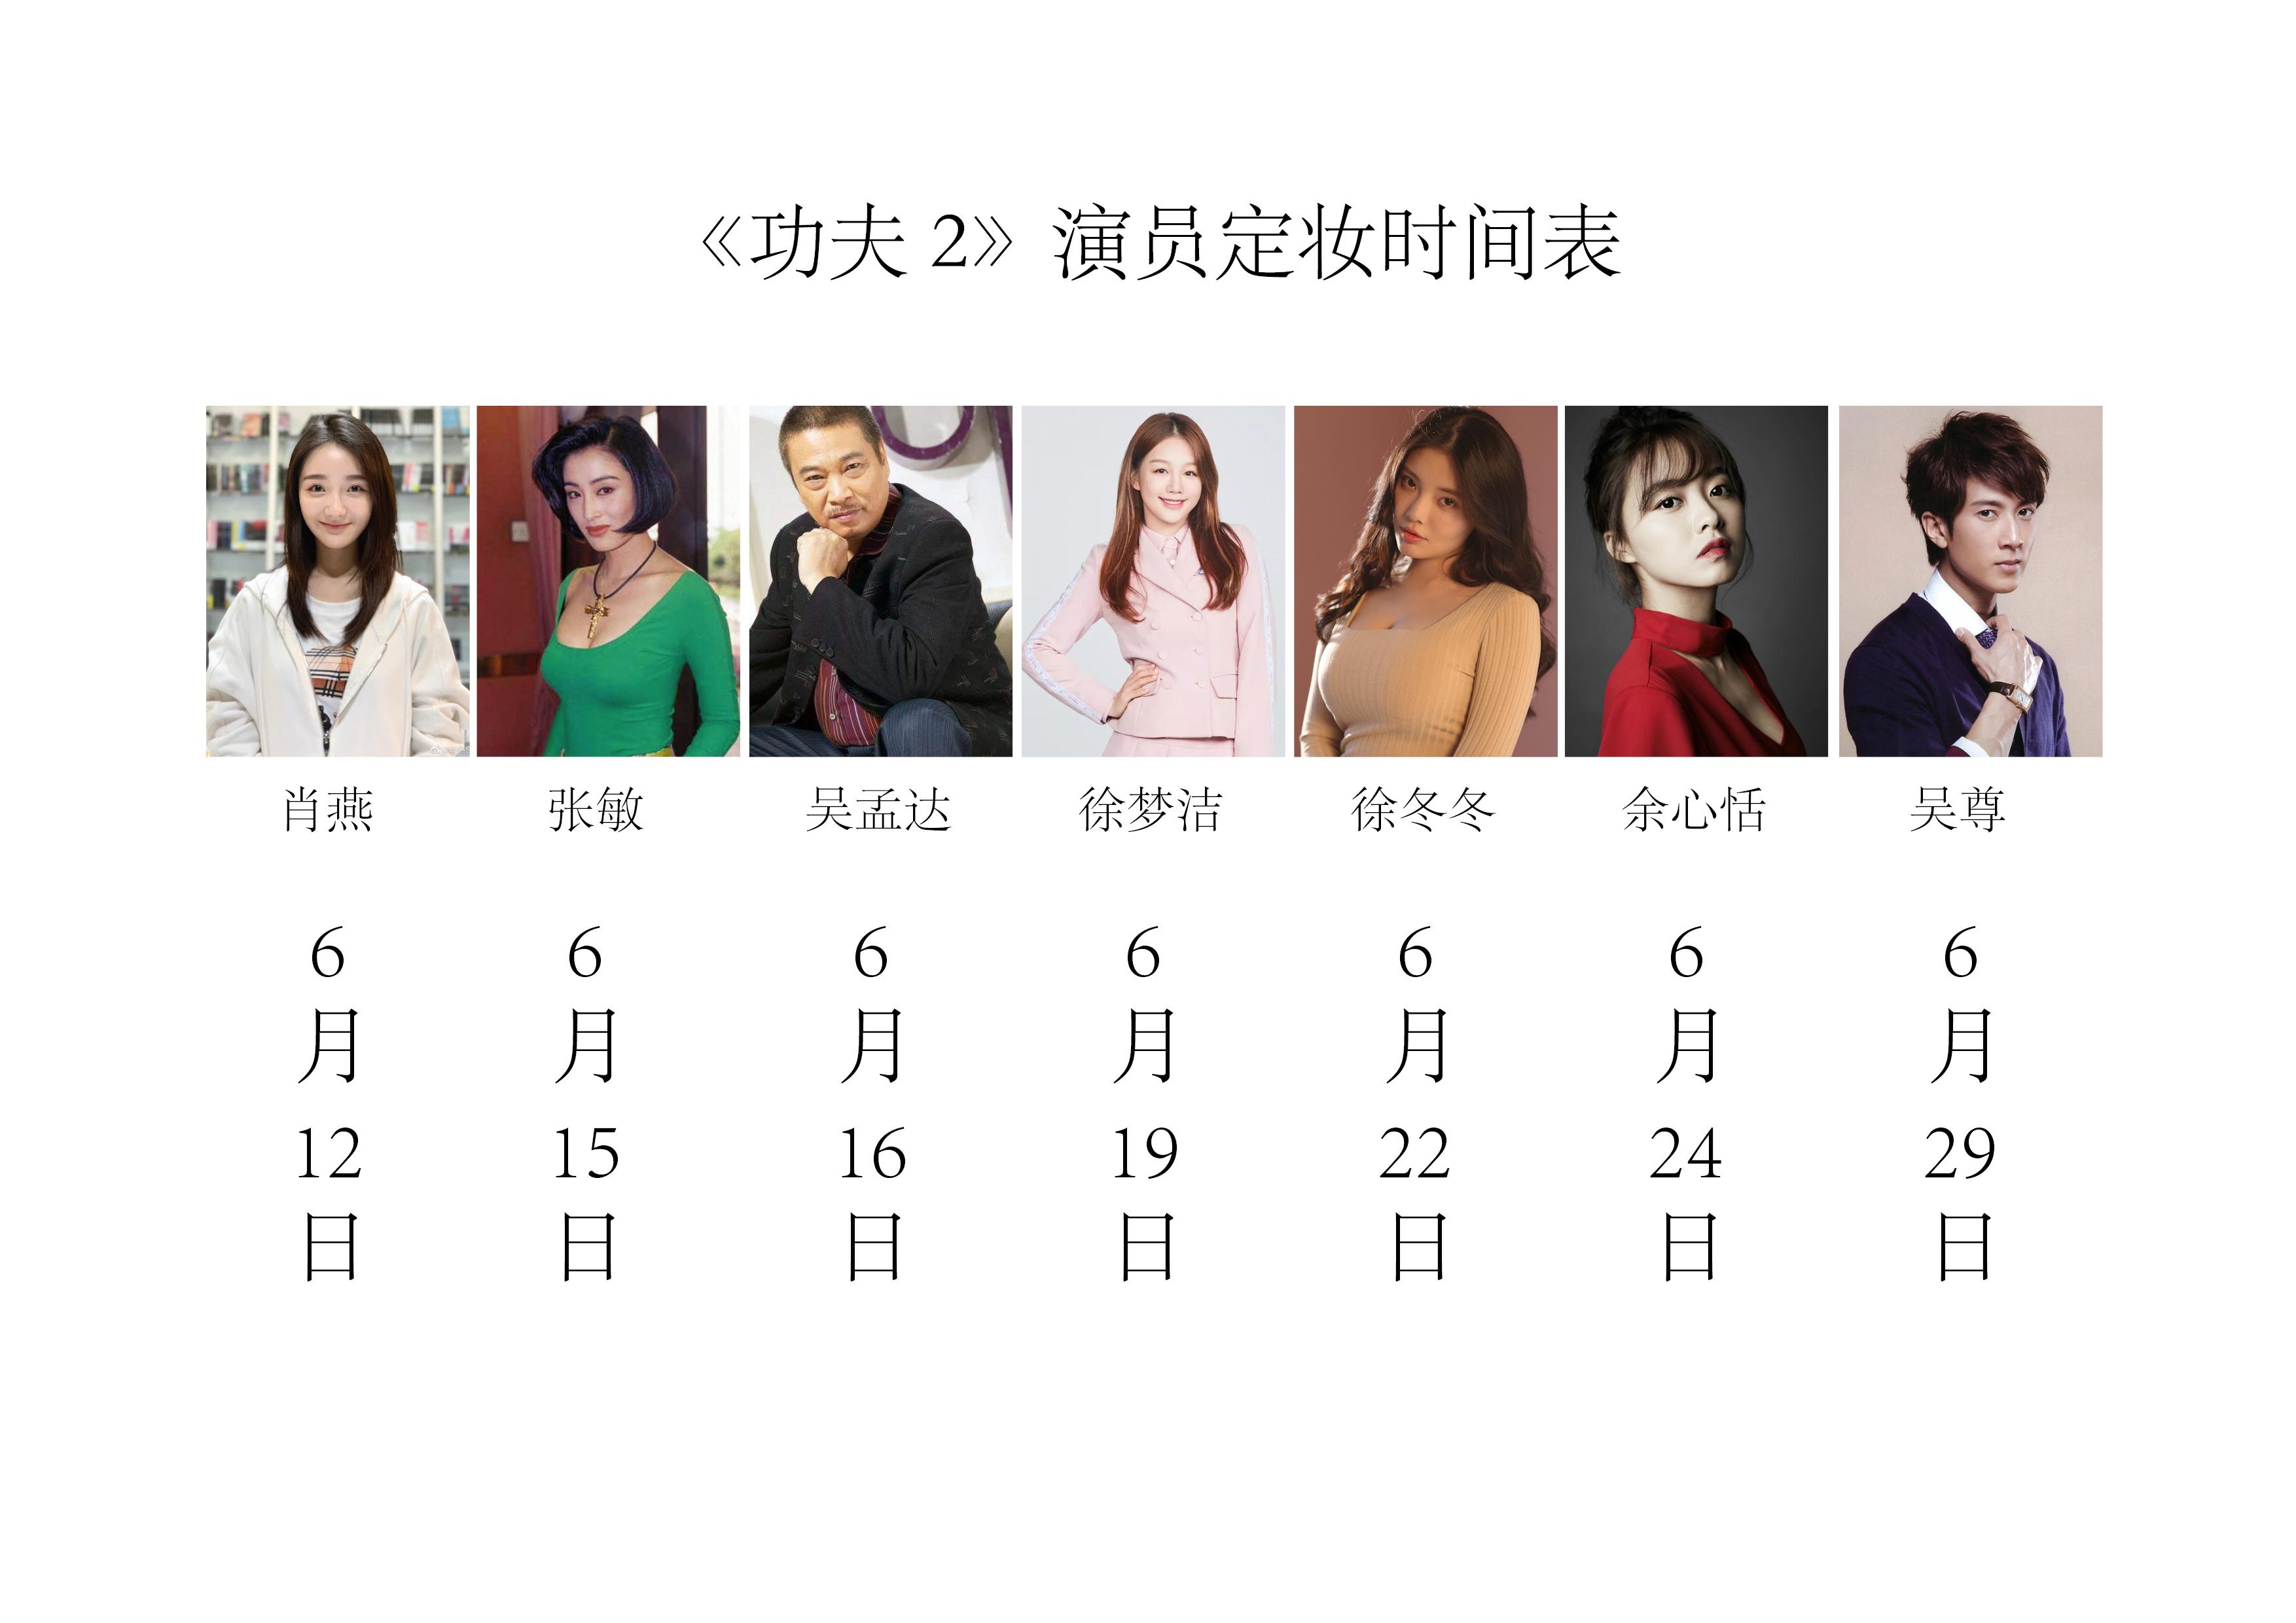 周星驰《功夫2》演员表已出,还有吴孟达